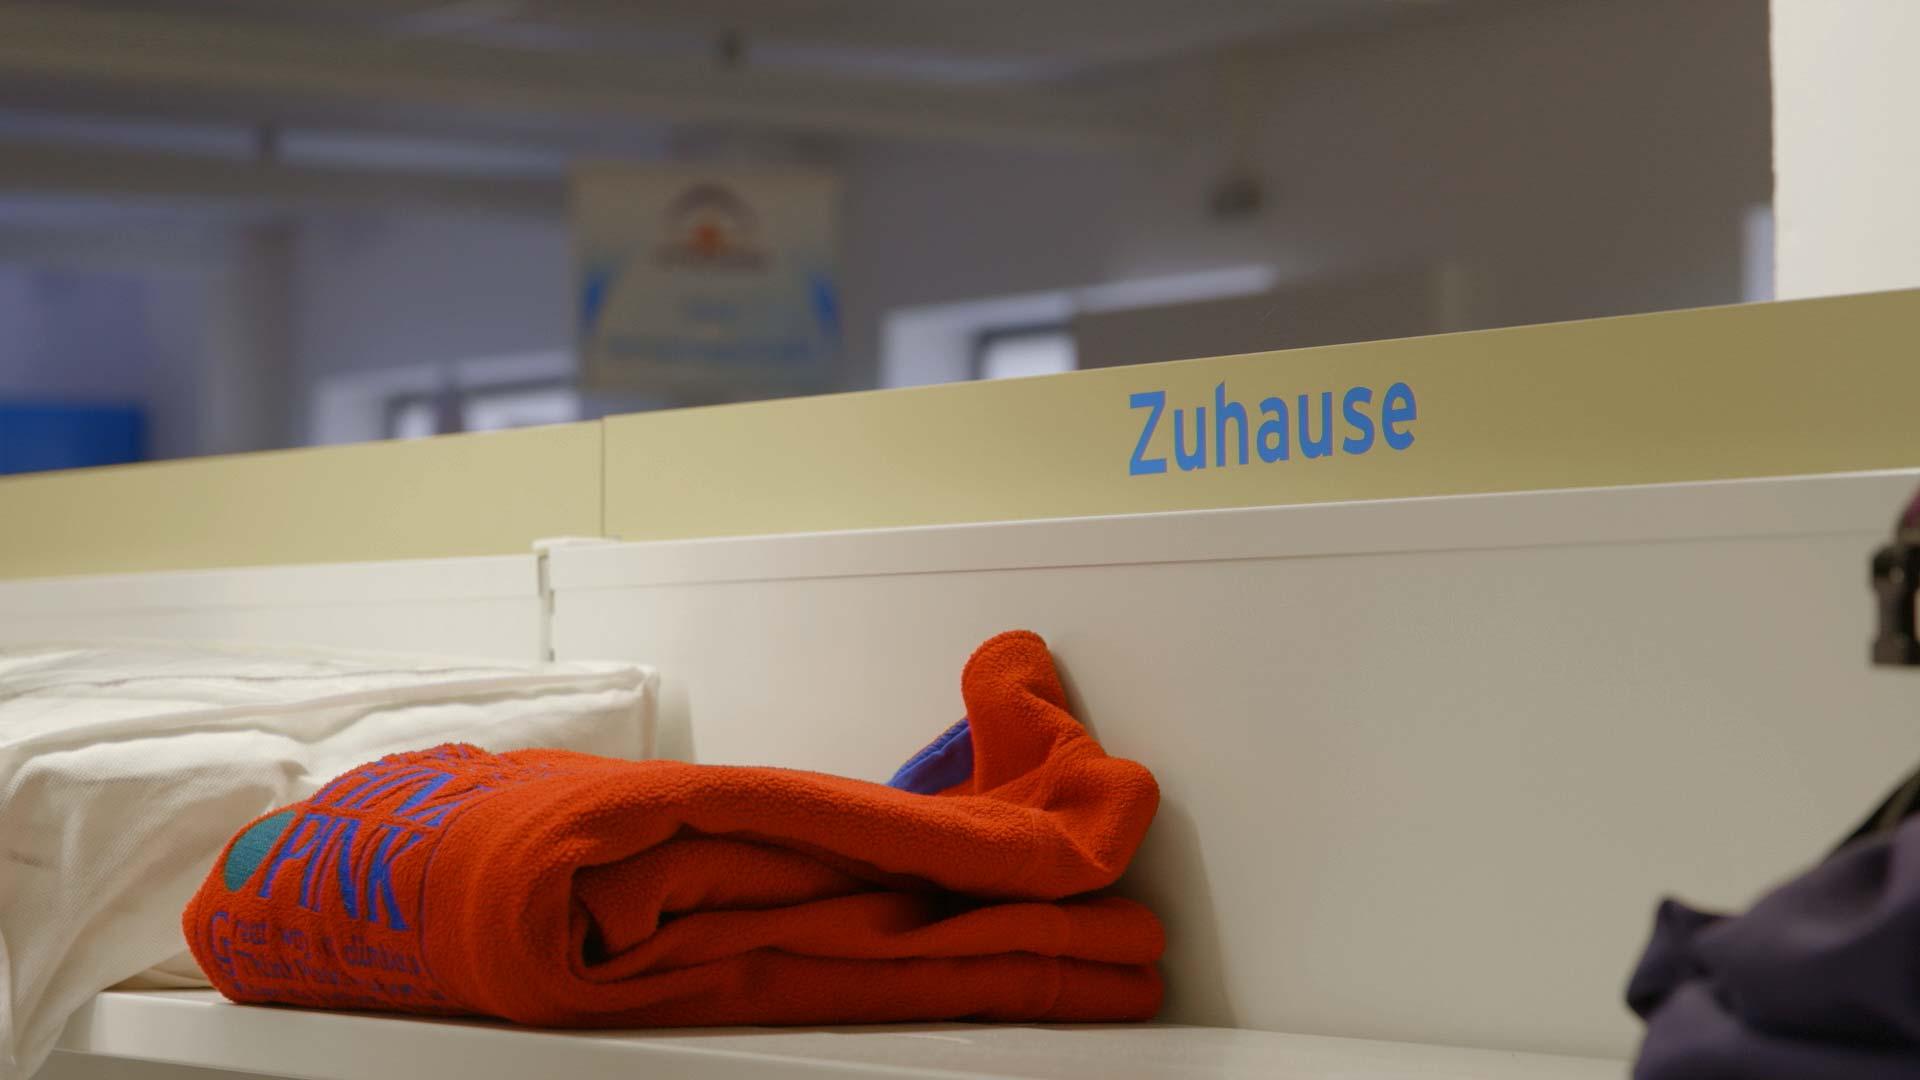 Kleiderkammer für Geflüchtete - Aufschrift Zuhause